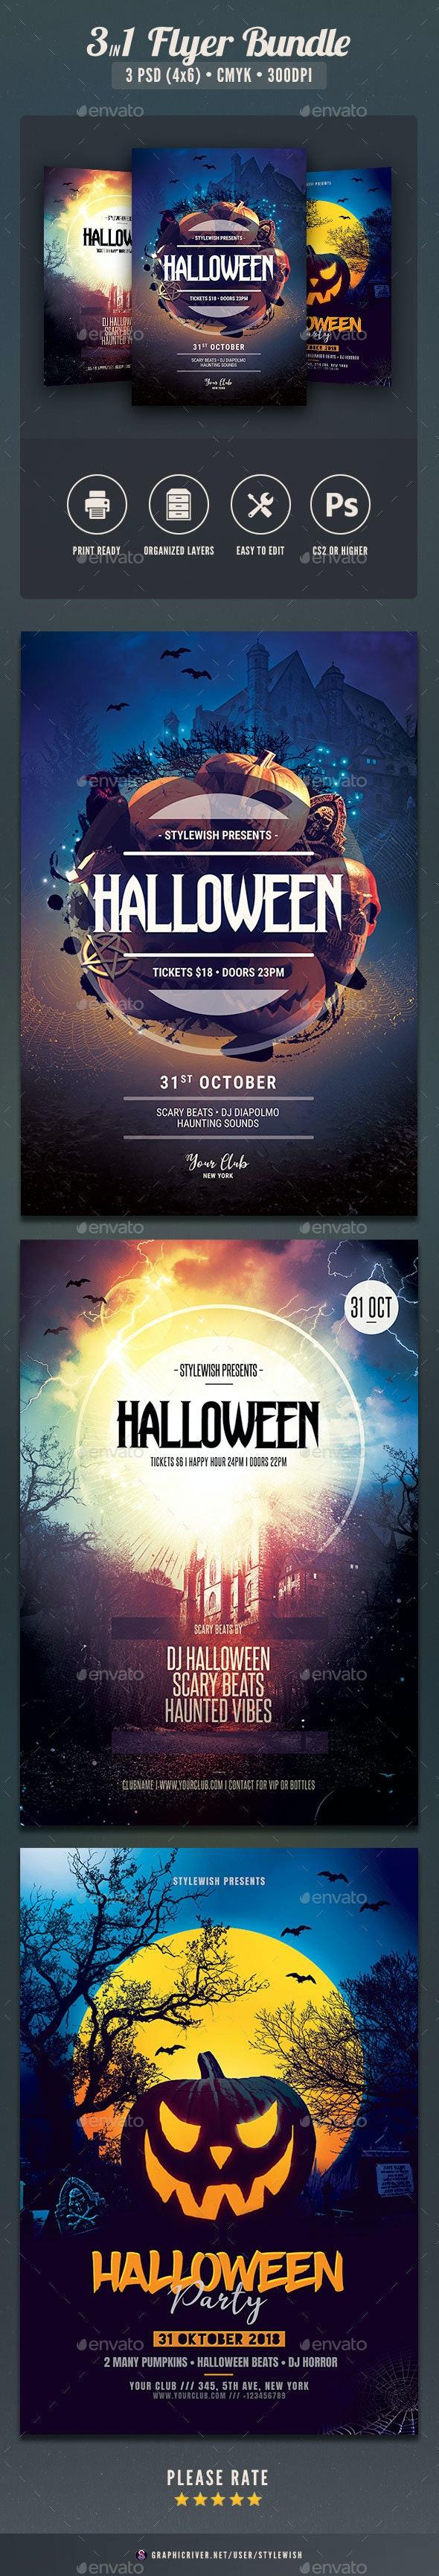 Halloween Flyer Bundle Vol.05 - Clubs & Parties Events